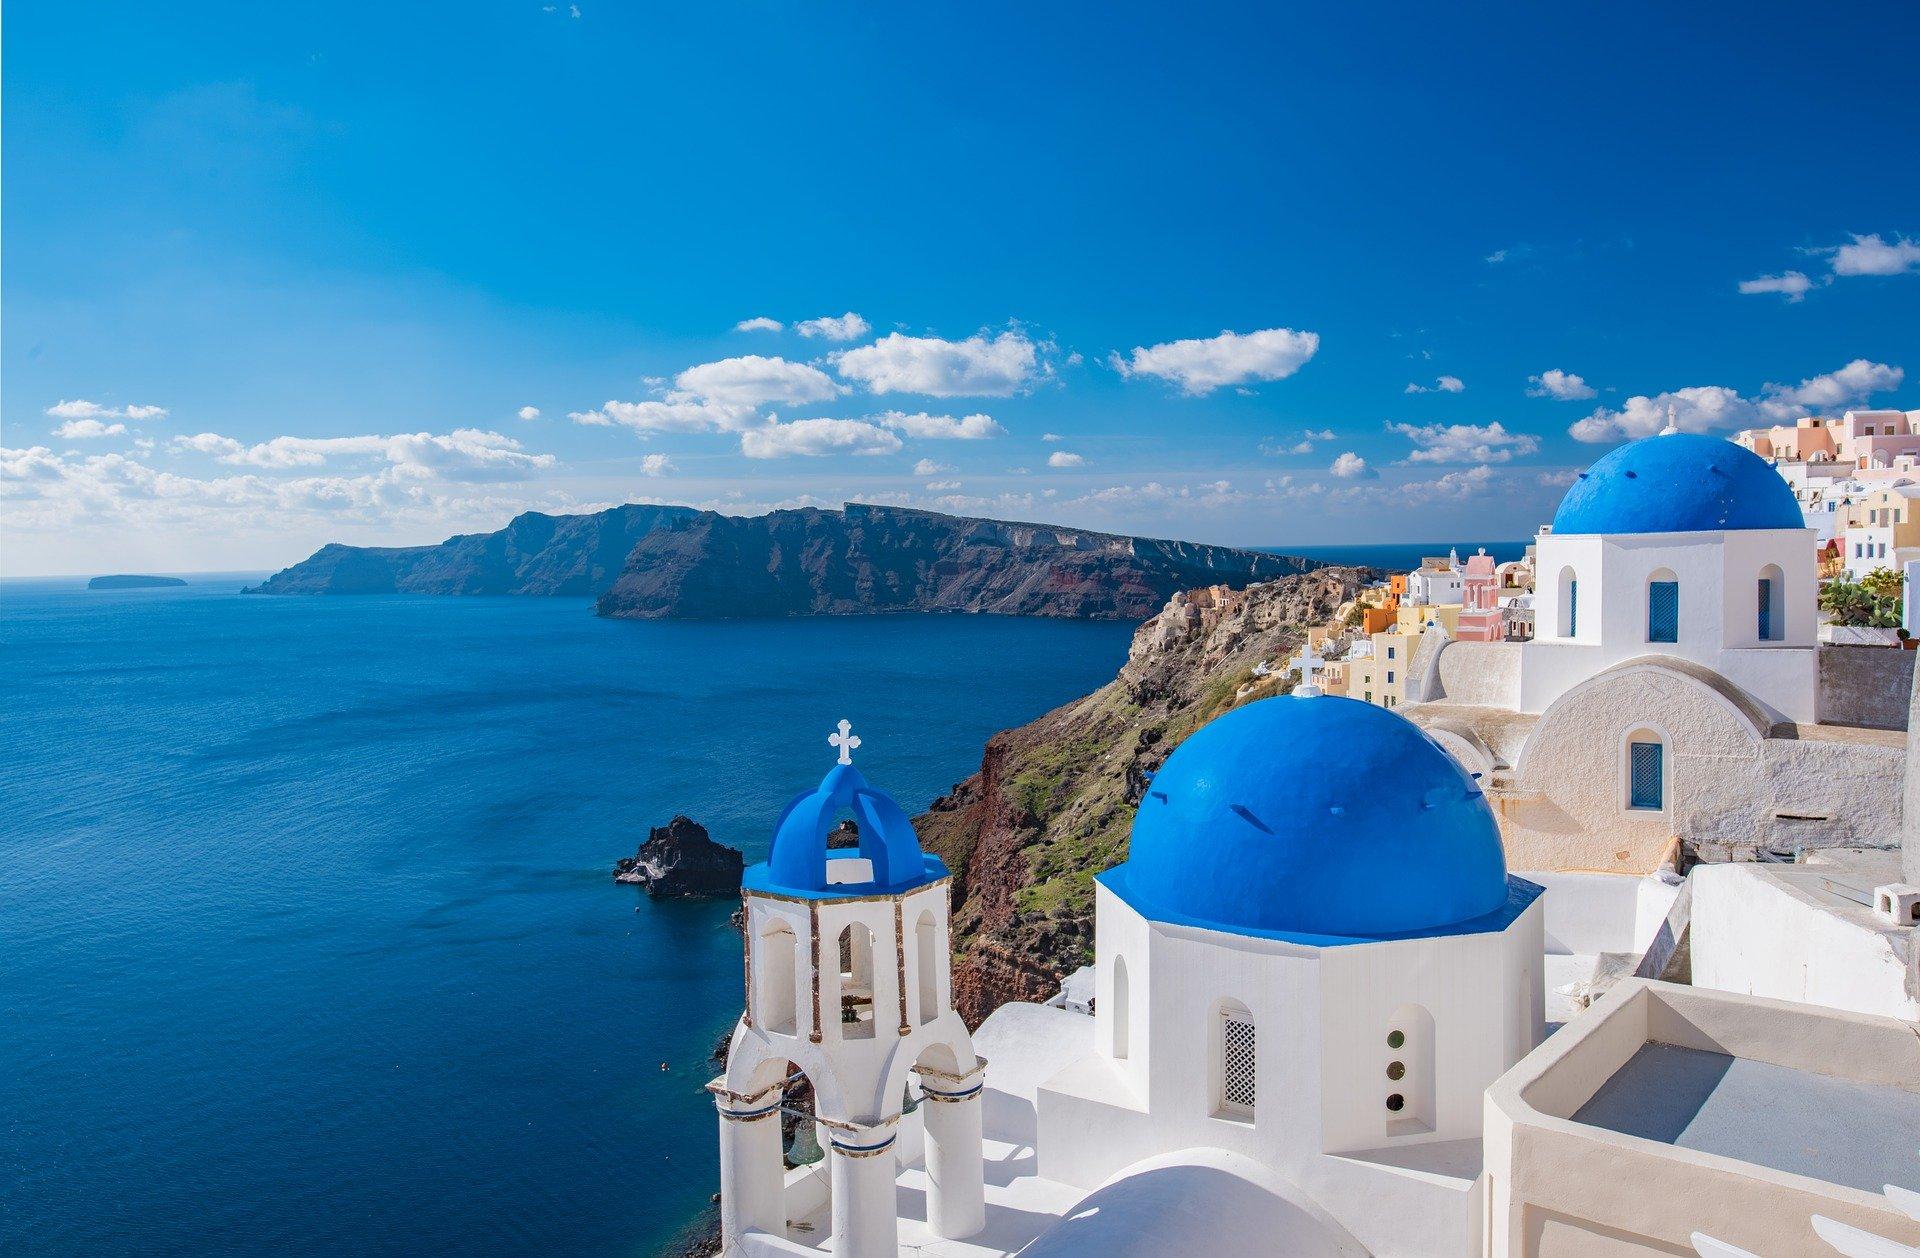 Wakacje: Tydzień na Santorini w lipcu (loty + hotel + transfery)